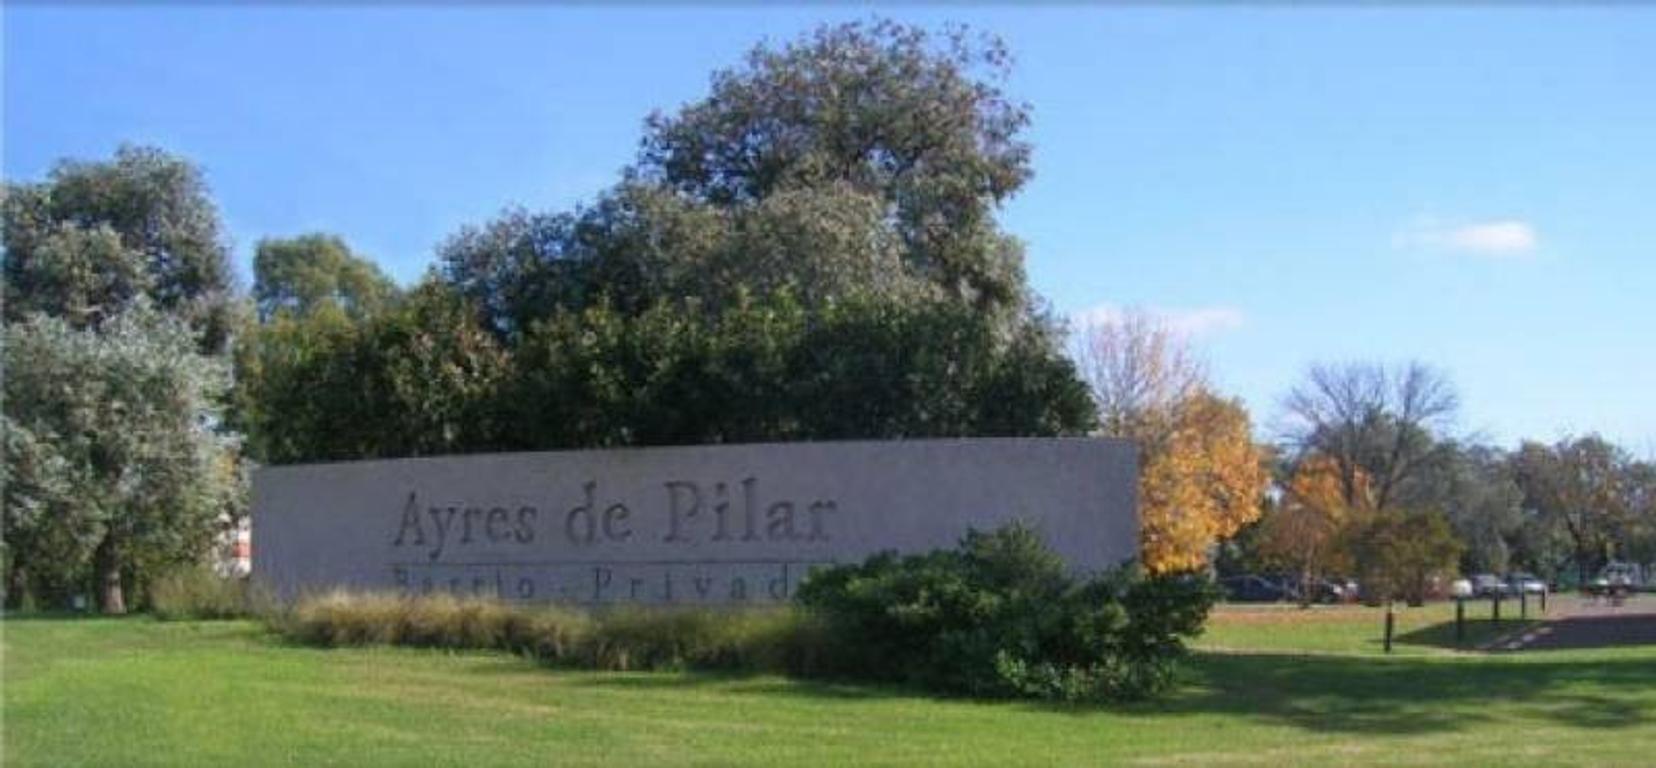 Pre Venta en Ayres del Pilar - Pilar